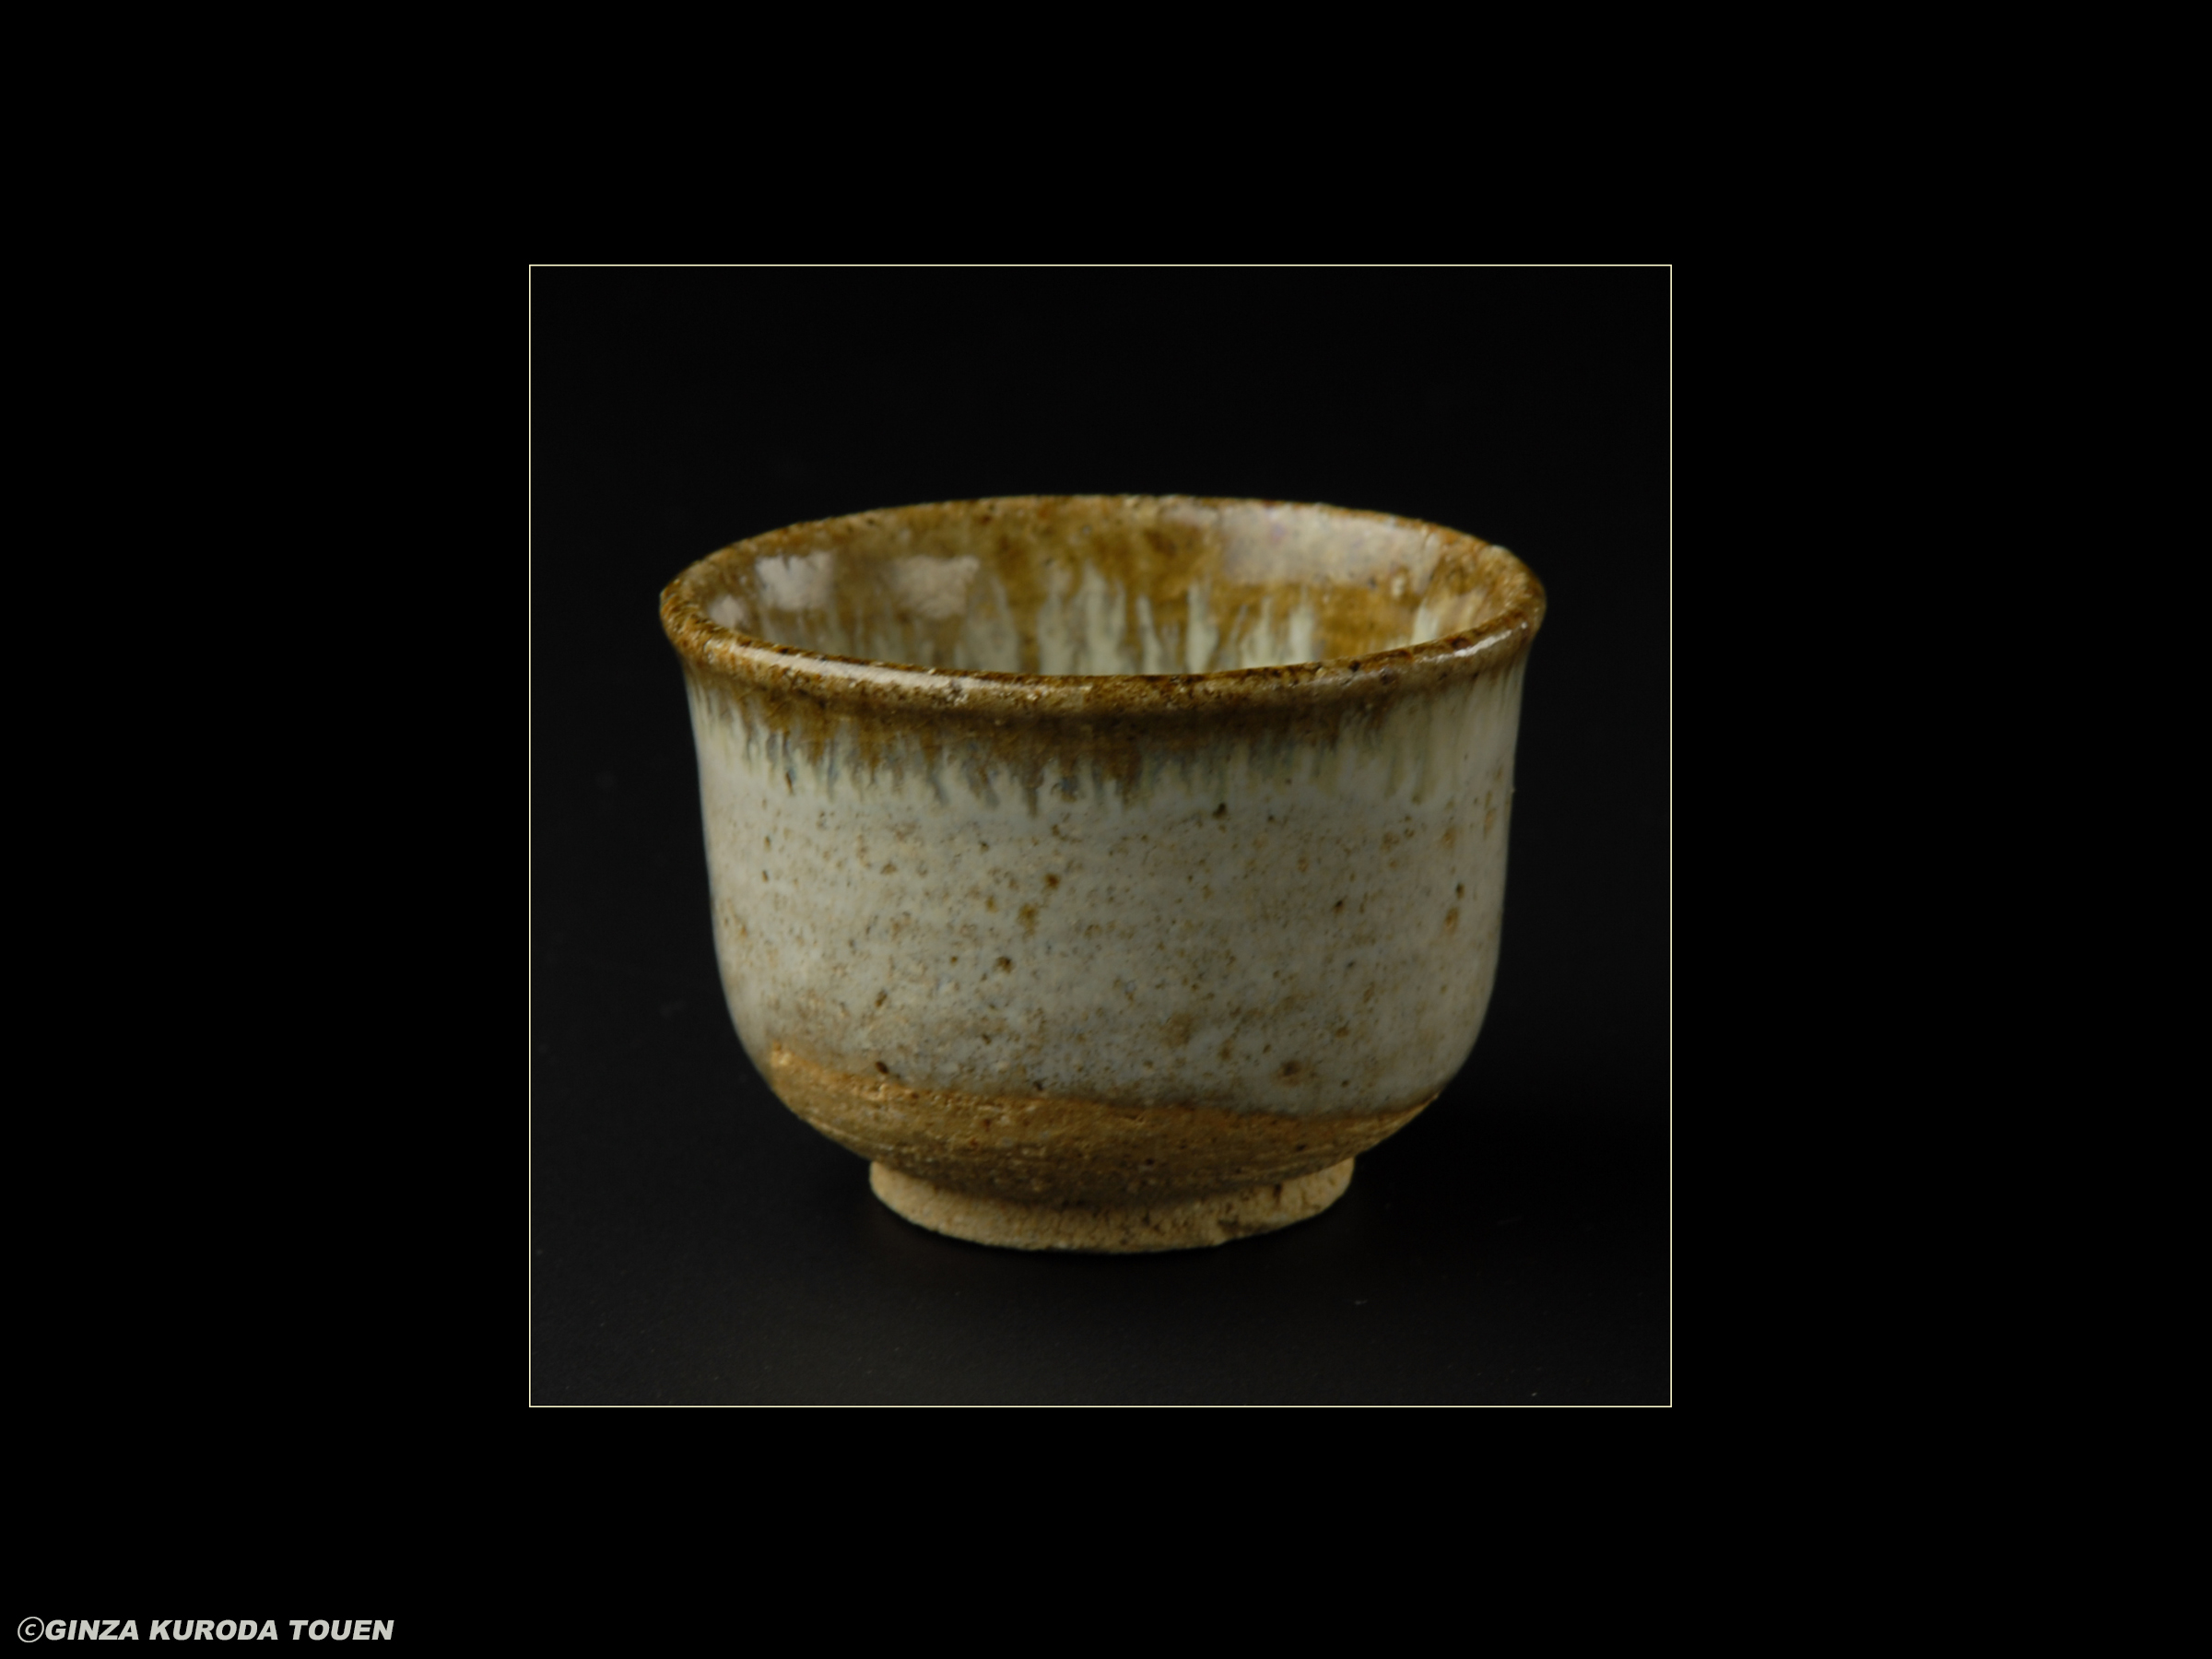 Muan Nakazato: Sake cup, Madara karatsu - Kawakujira type